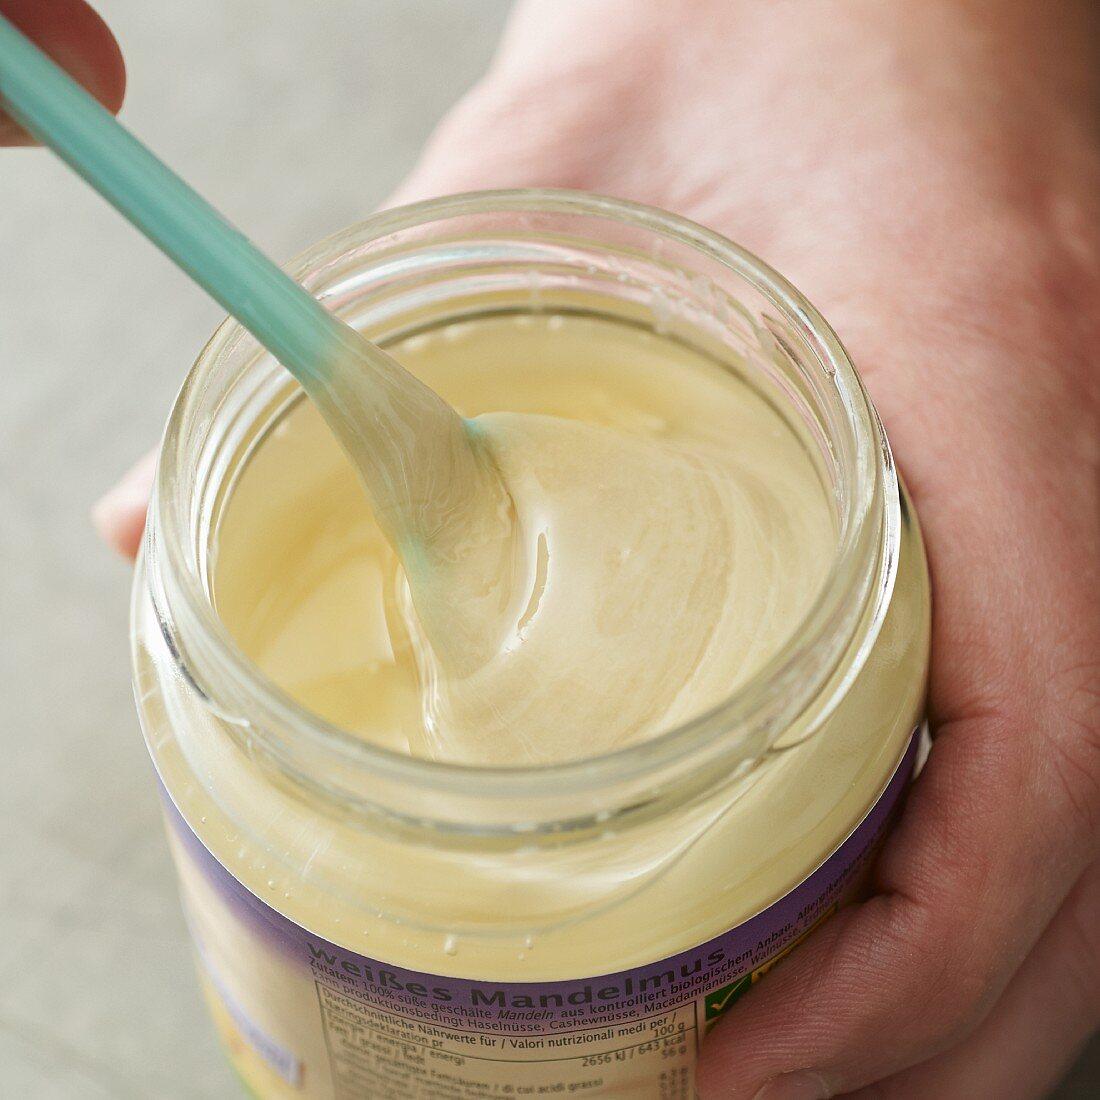 A jar of vegan almond mousse